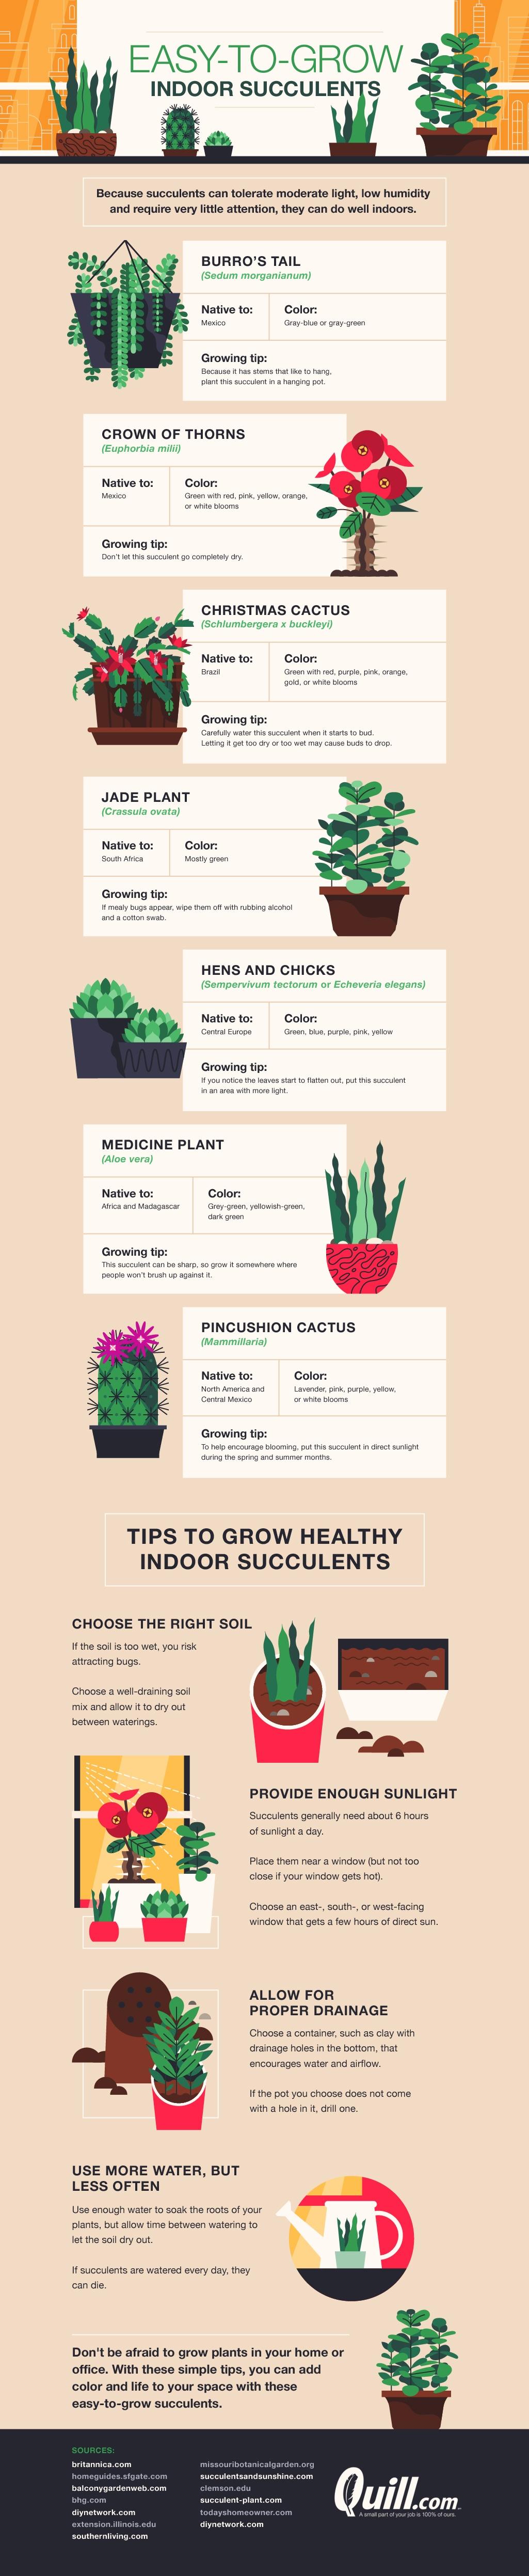 Indoor Succulents: How to Nurture Them - Infographic